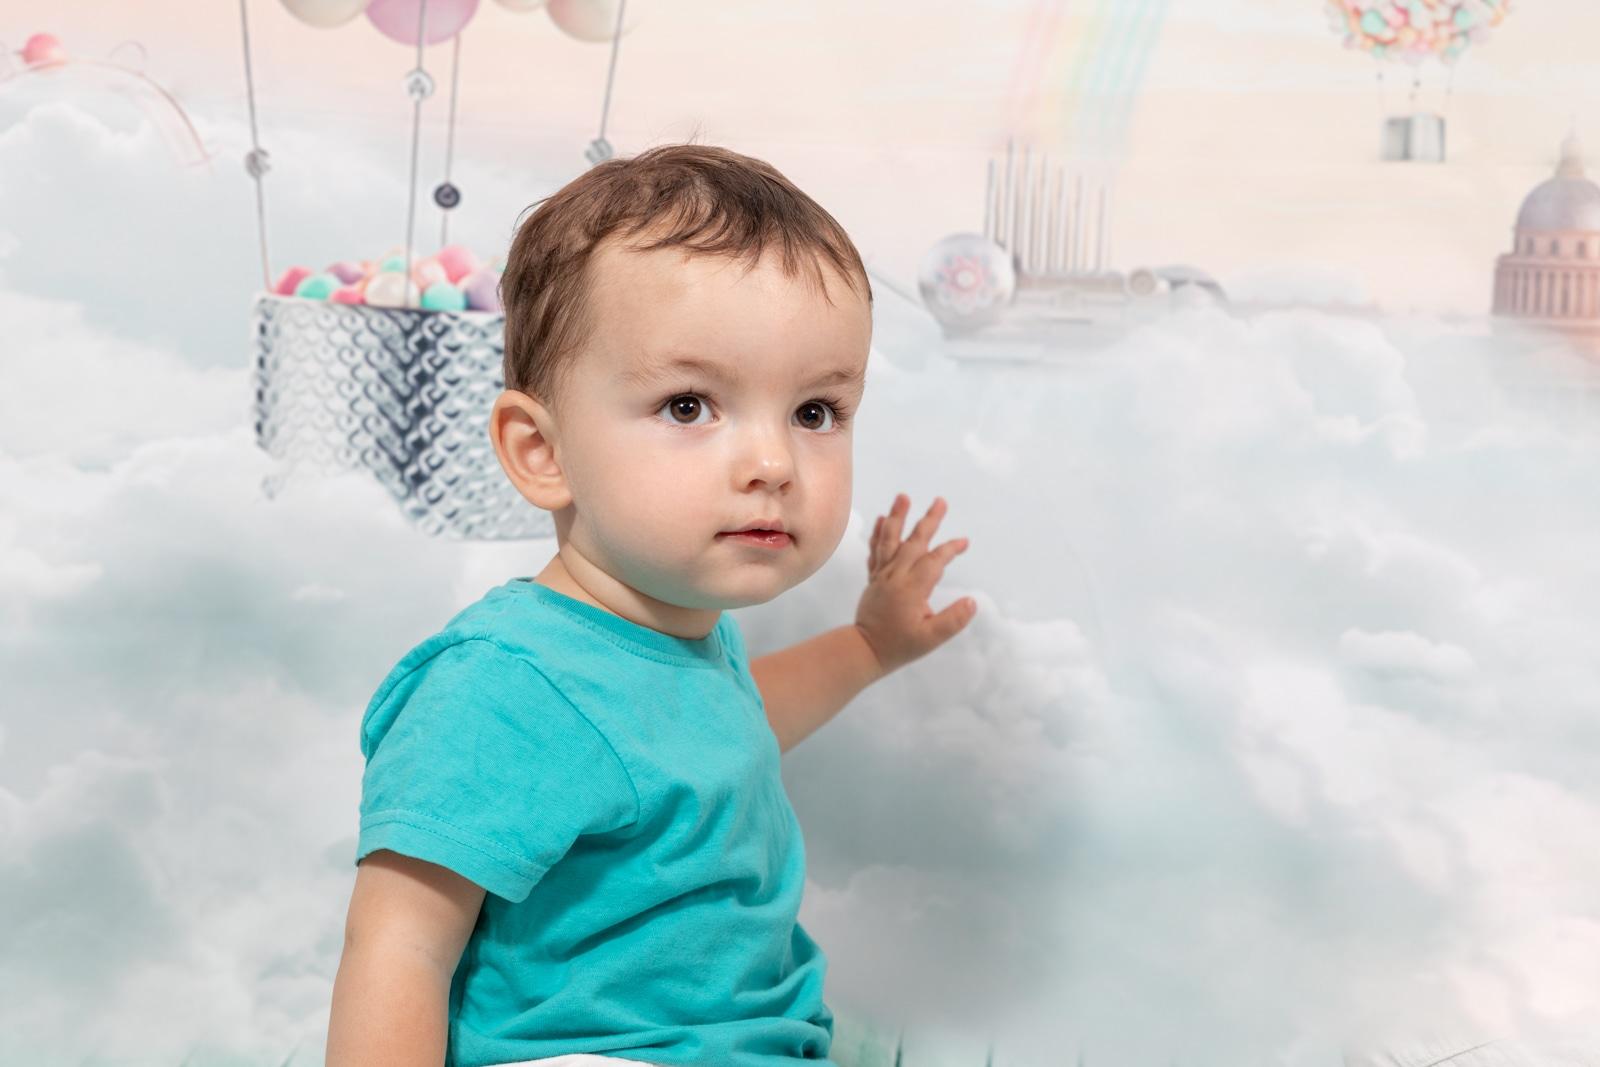 Petit garçon devant un fond de ciel avec des ballons